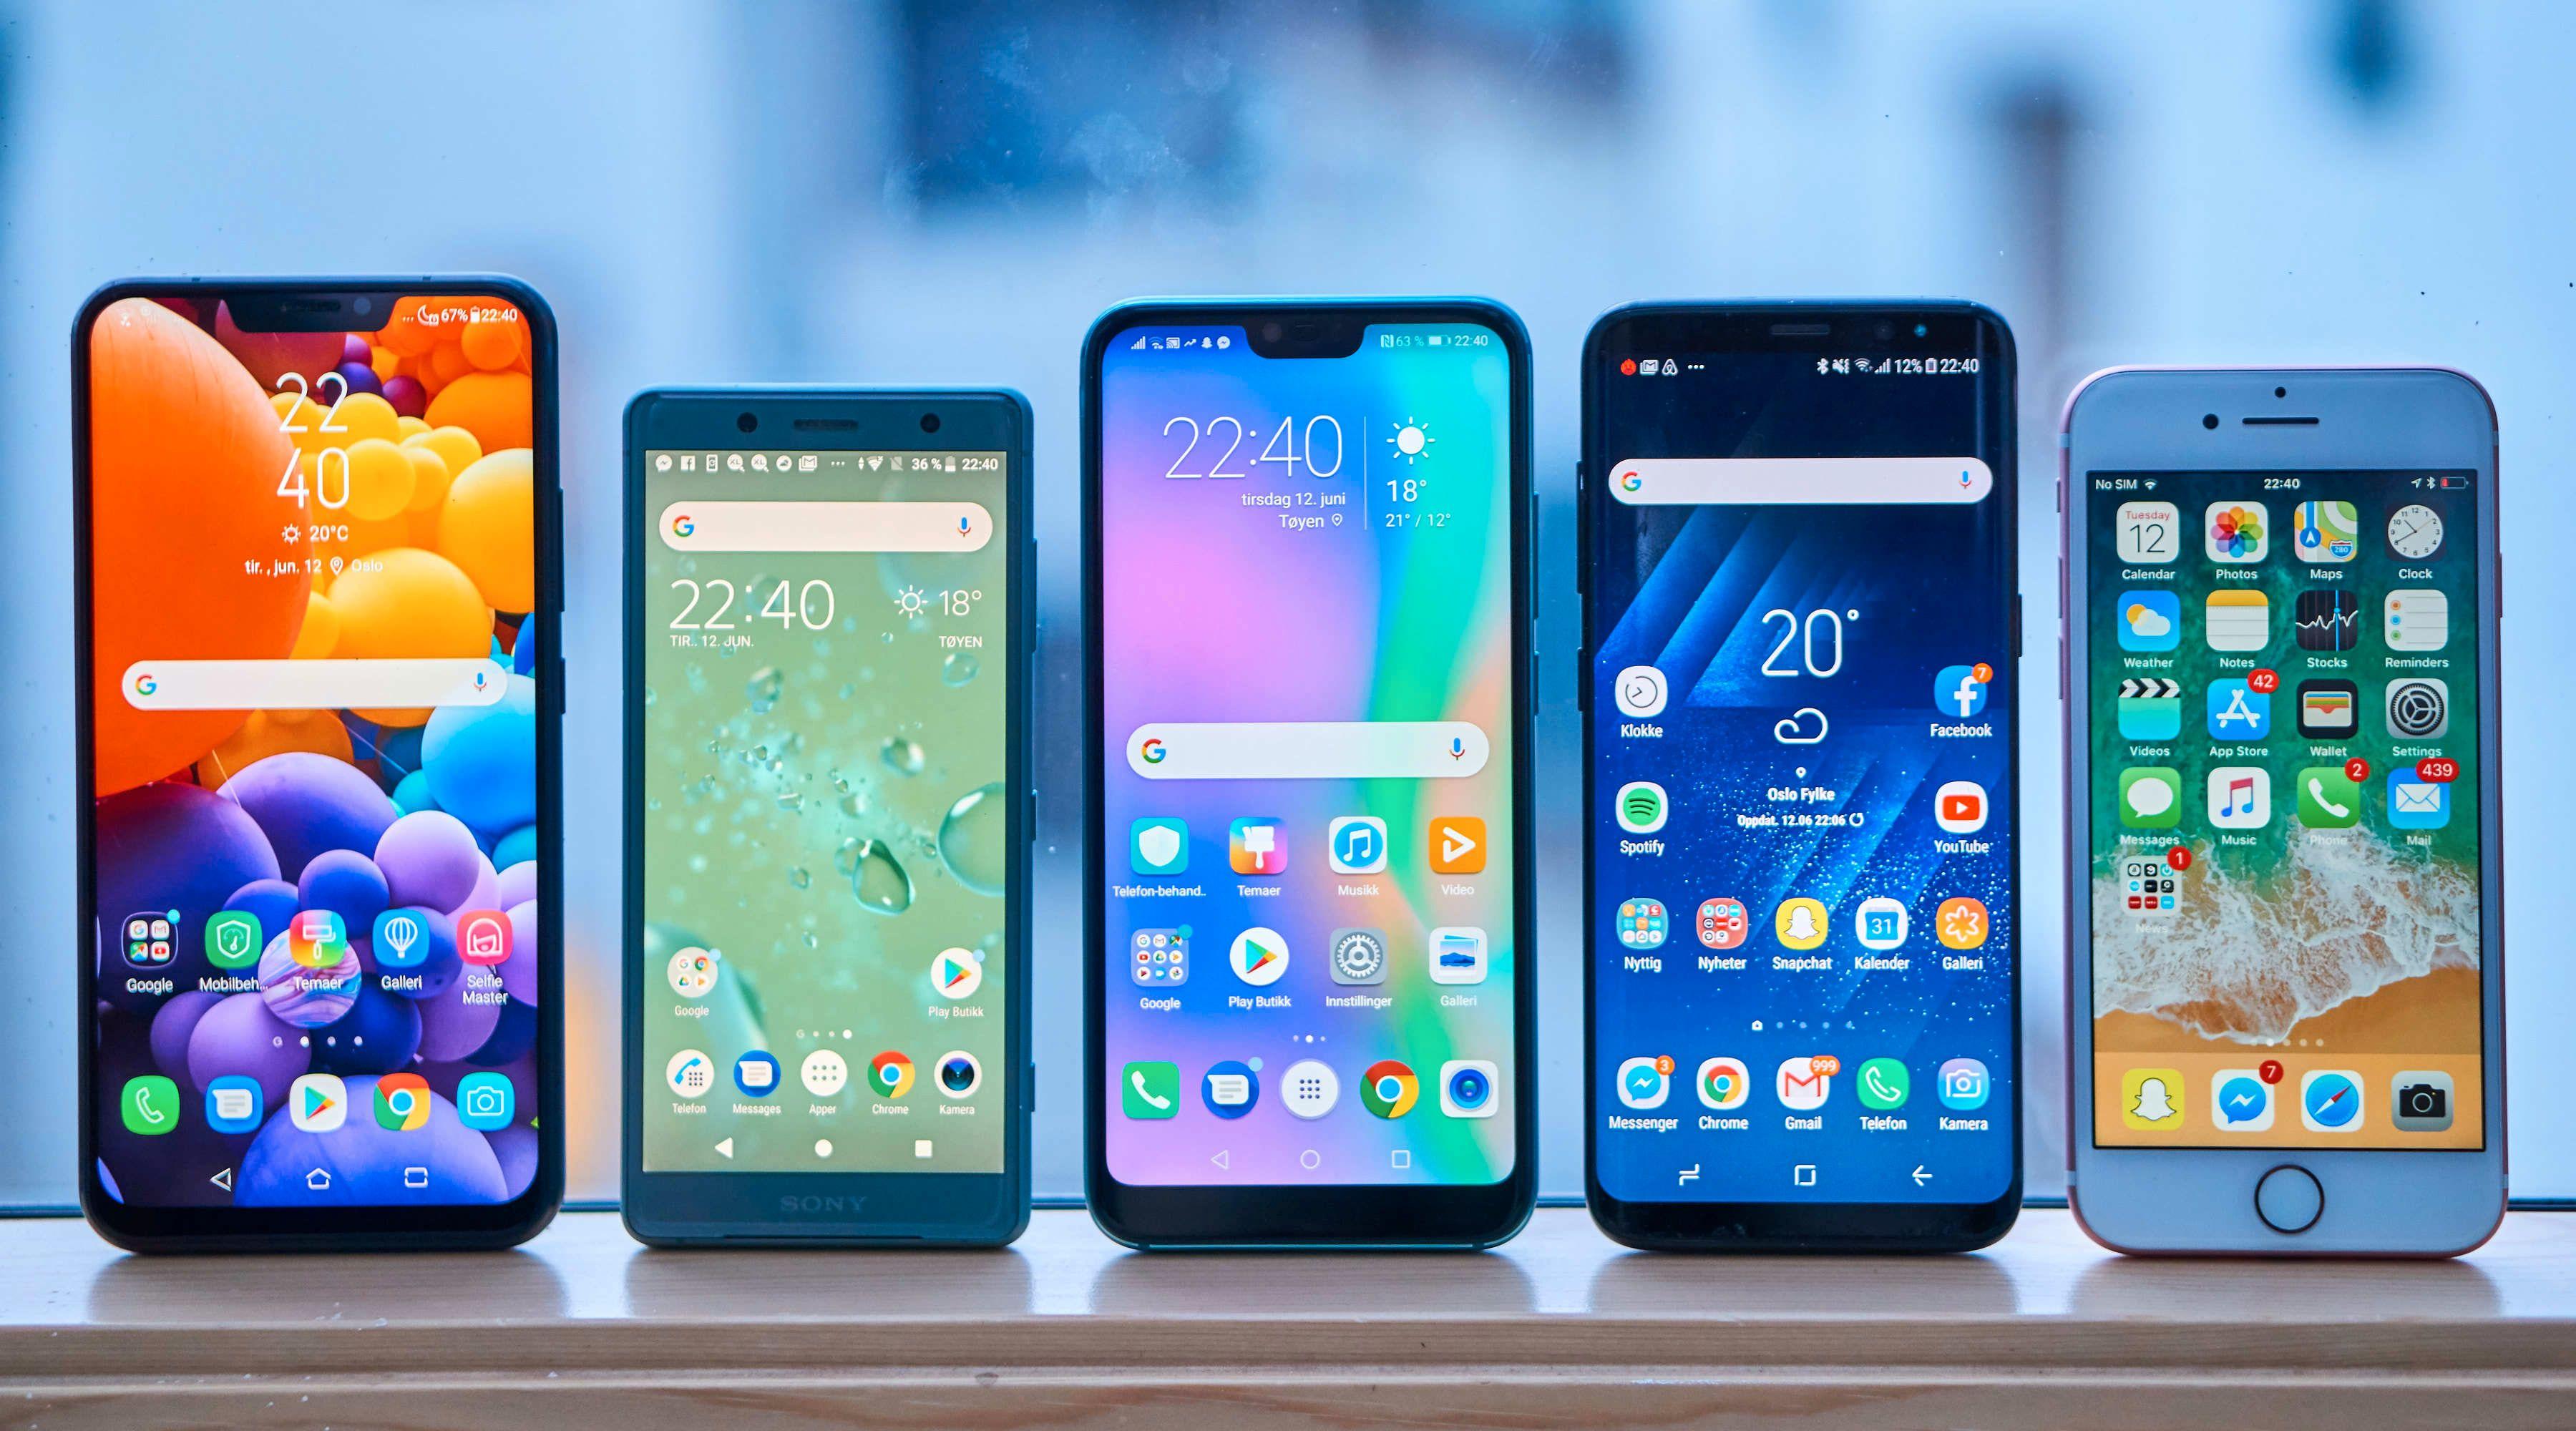 Honor 10 (midten) er en kompakt telefon. Fra venstre: Zenfone 5, Xperia XZ2 Compact, Honor 10, Galaxy S8 og iPhone 7.